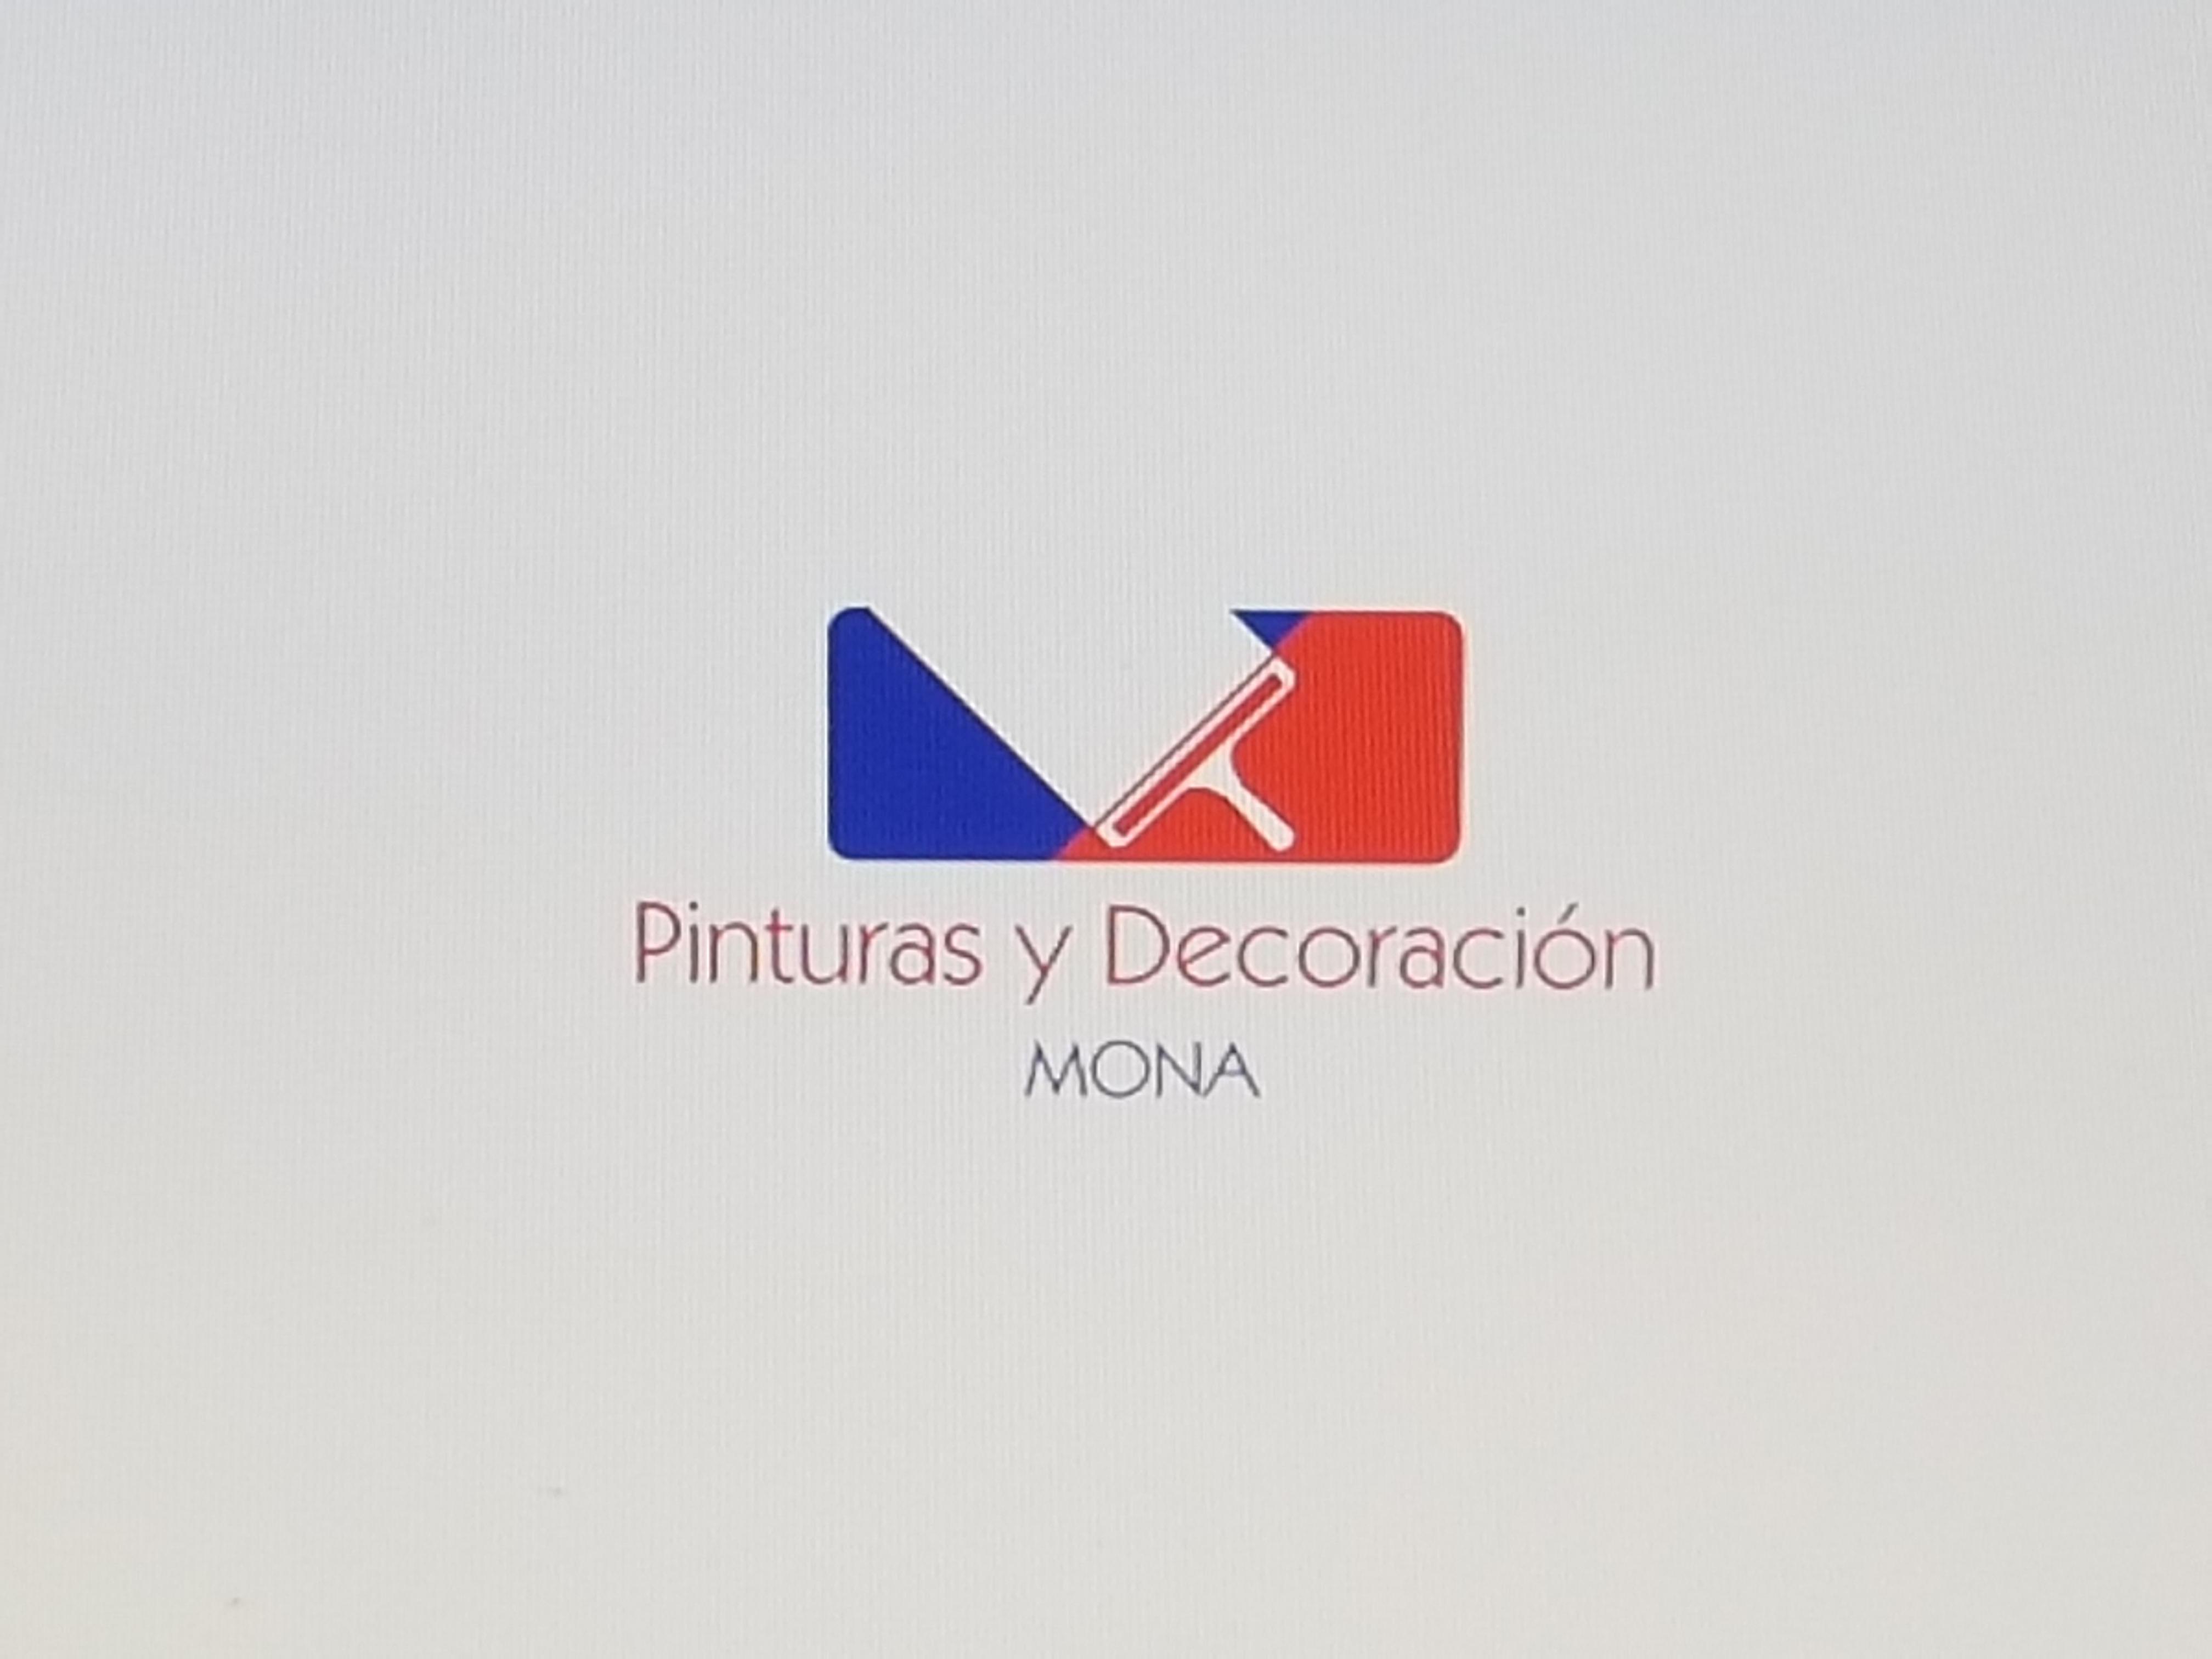 Pintura Y Decoraciones Mona